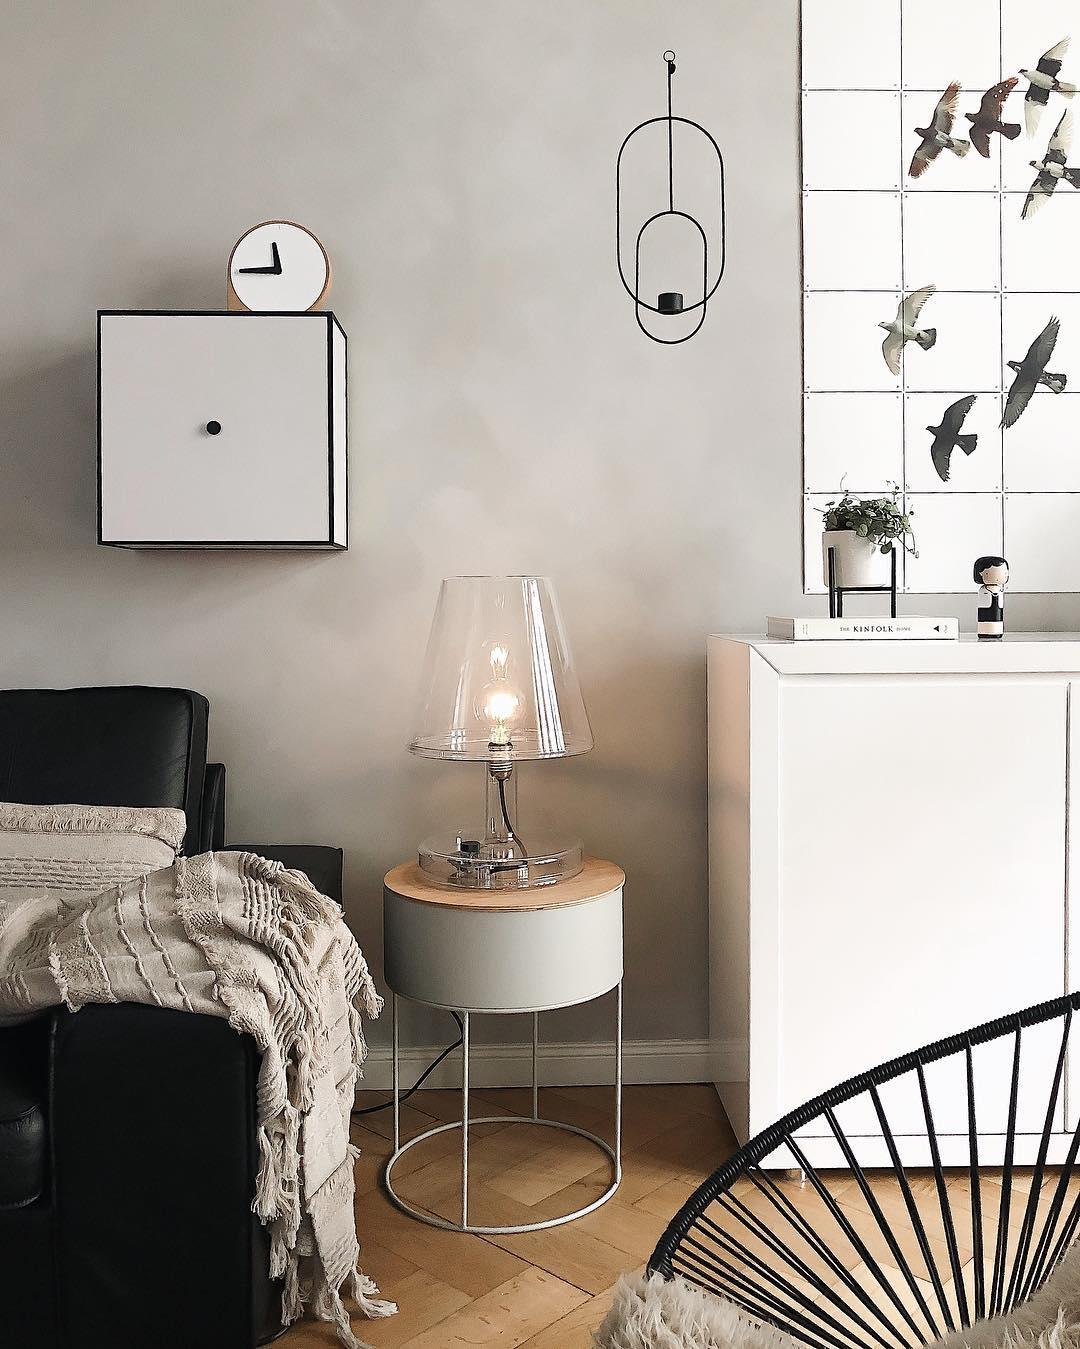 couleur pastel salon canapé cuir noir lampe transparente bois plaid marron pompon chaise grillage - blog déco - clem around the corner